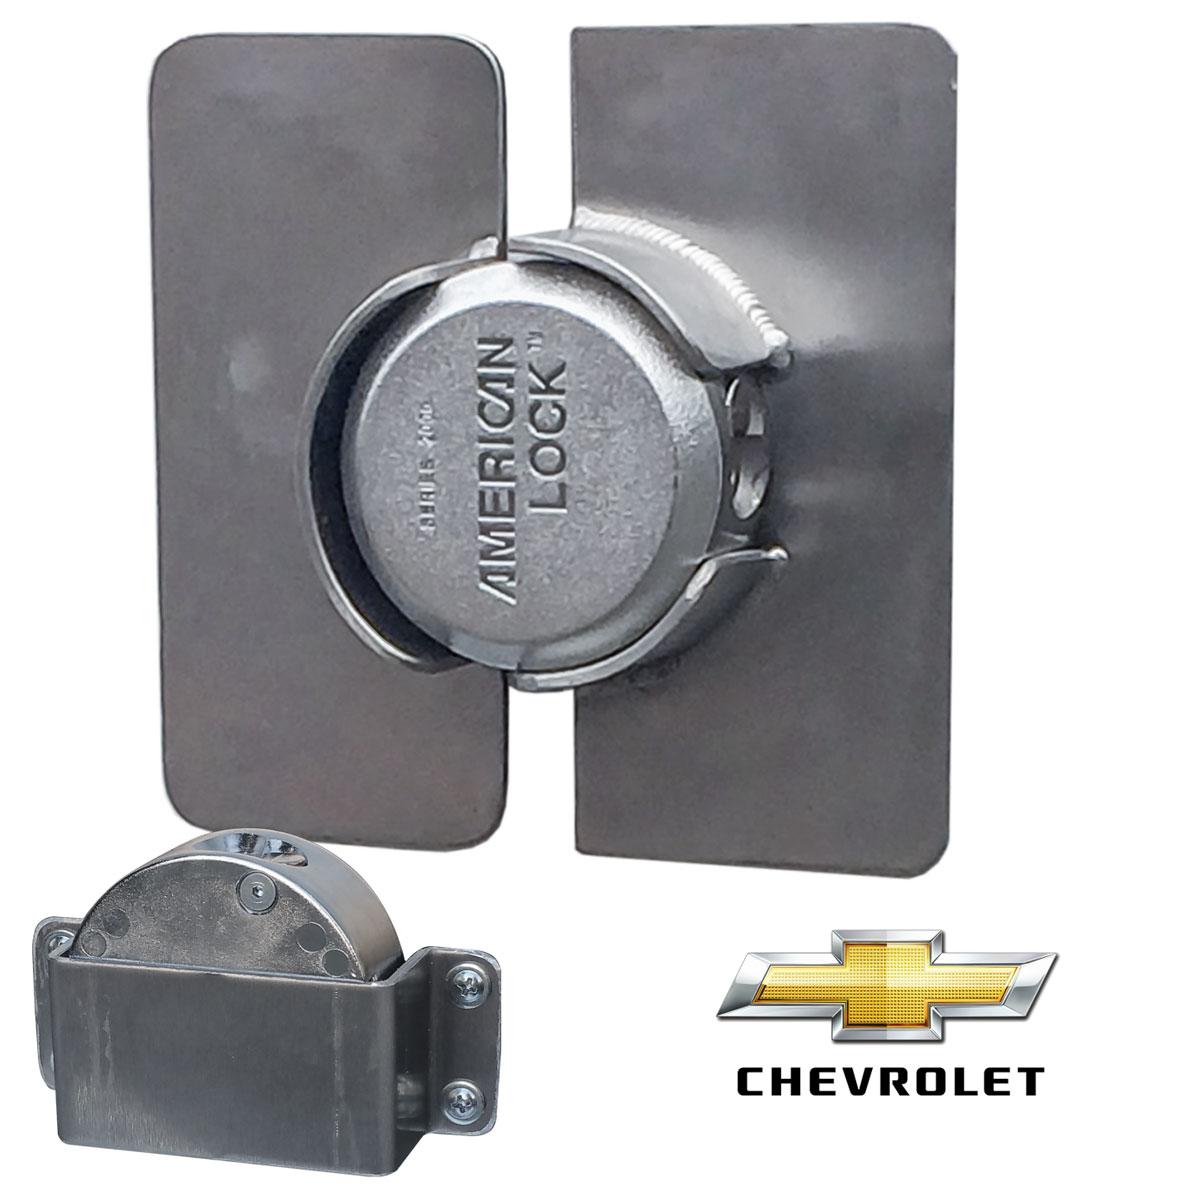 Chevy CargoPuck Lock Kit Side Barn DoorSKU: 170013